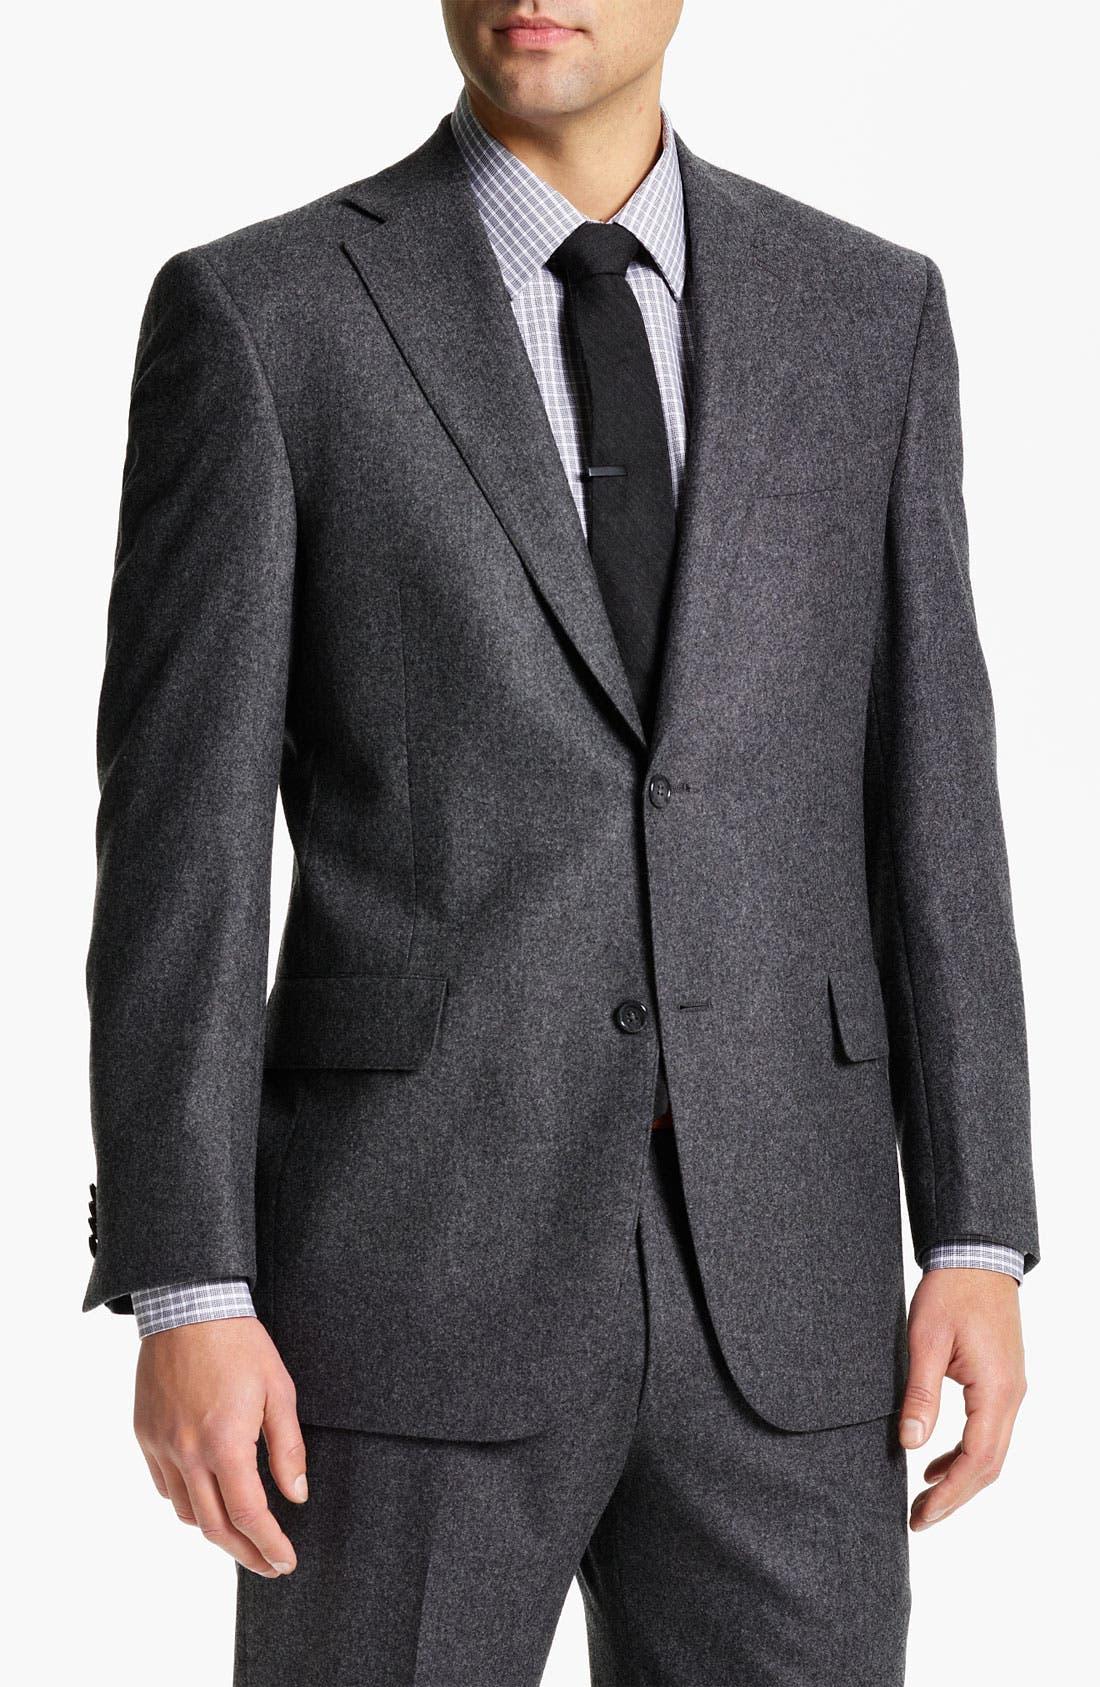 Main Image - Hart Schaffner Marx Flannel Suit